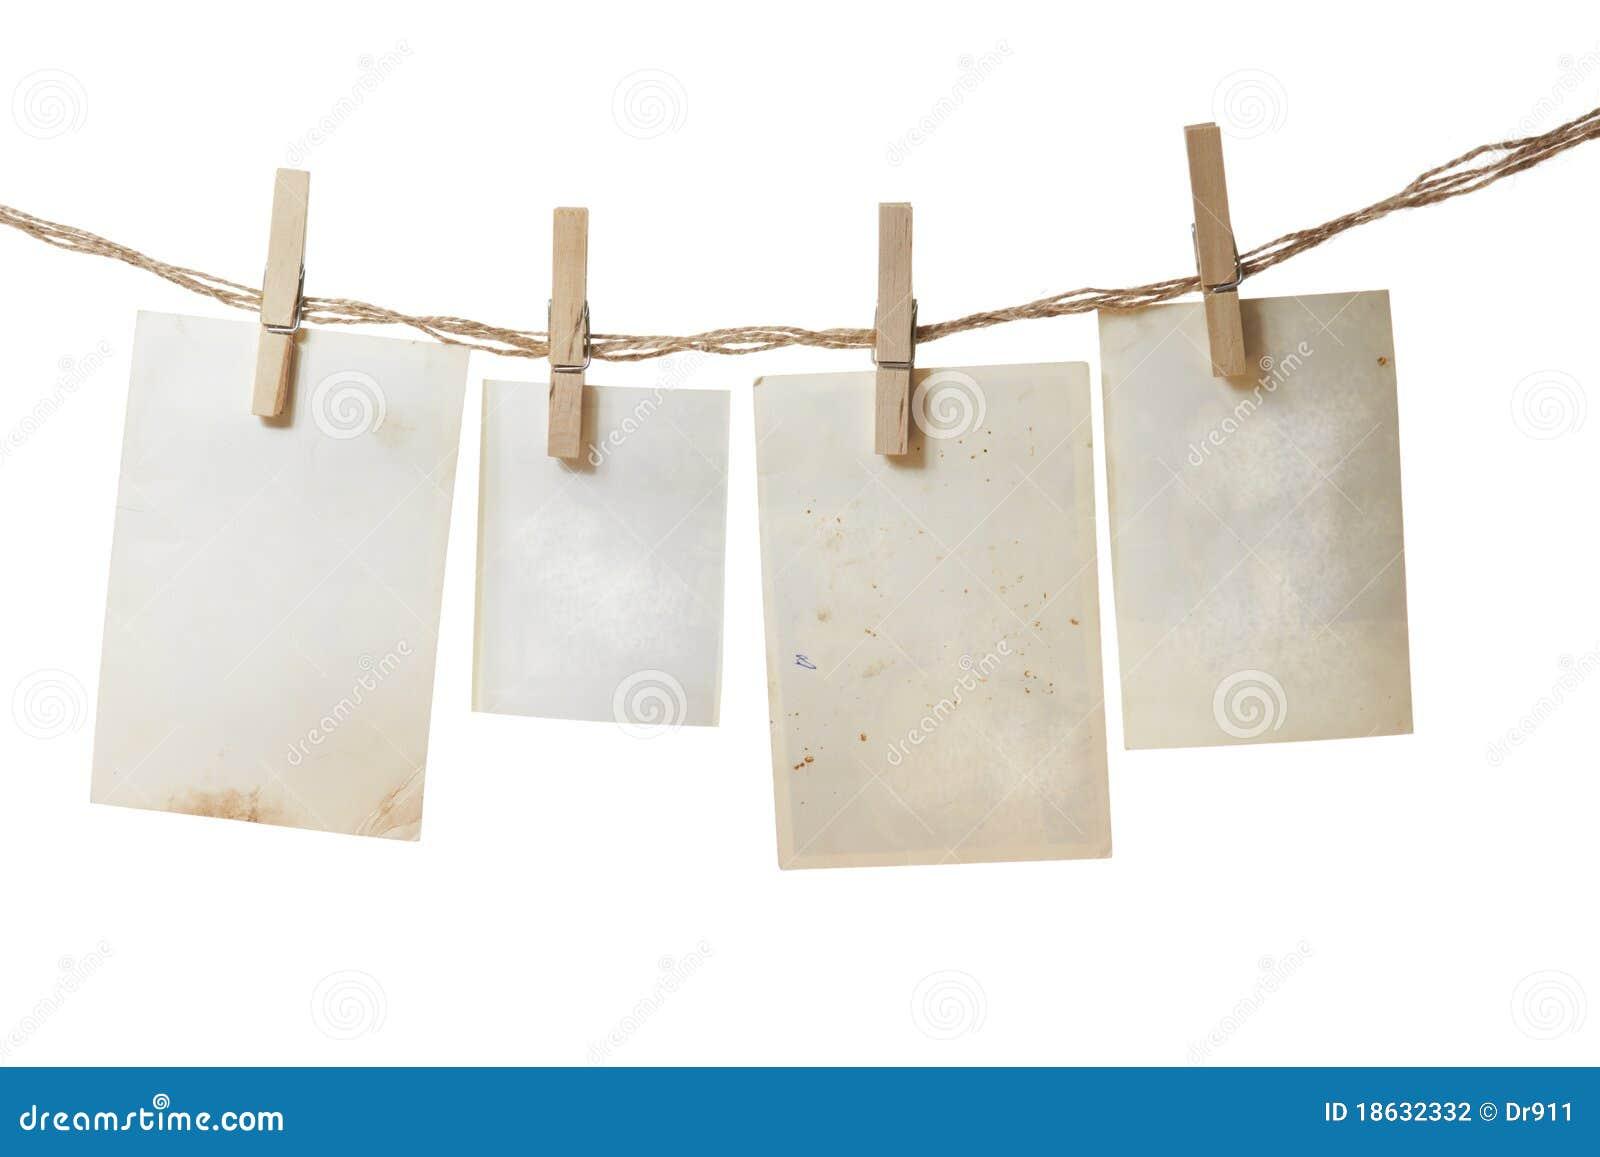 шаблоны фотки на прищепках на прозрачном фоне оба бойца перед